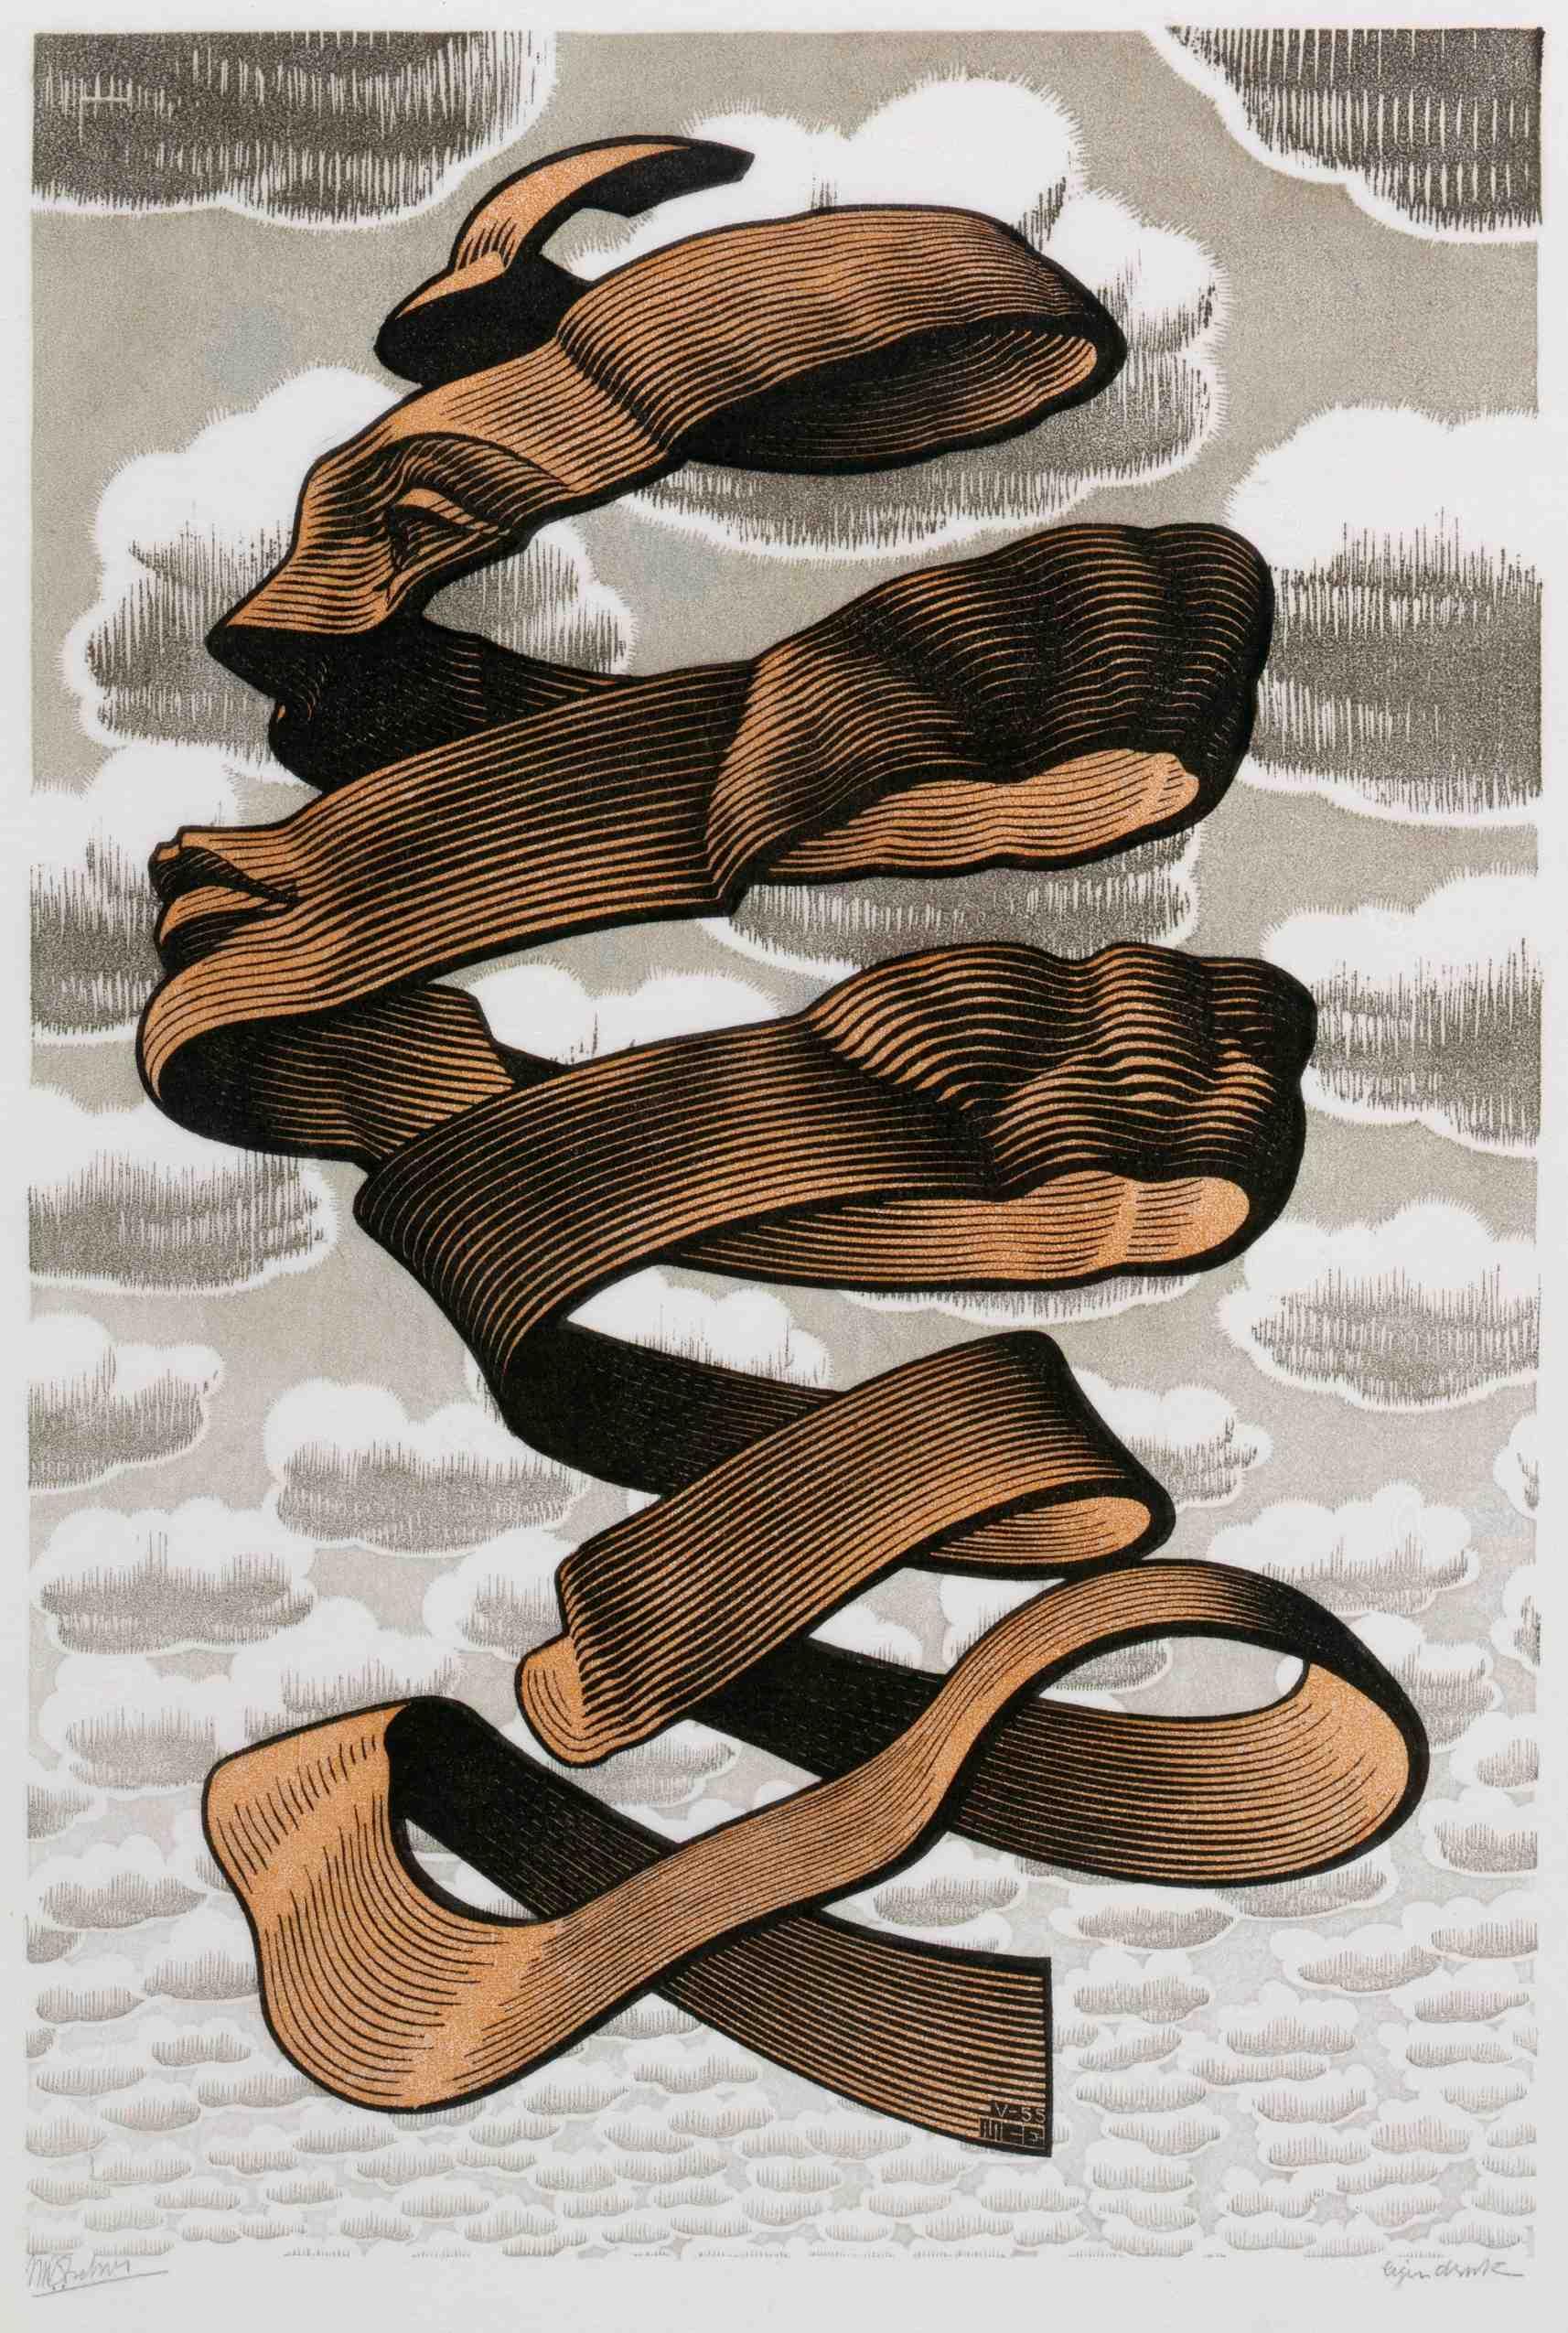 M.c.escher clipart shoe And Escher More Escher Escher